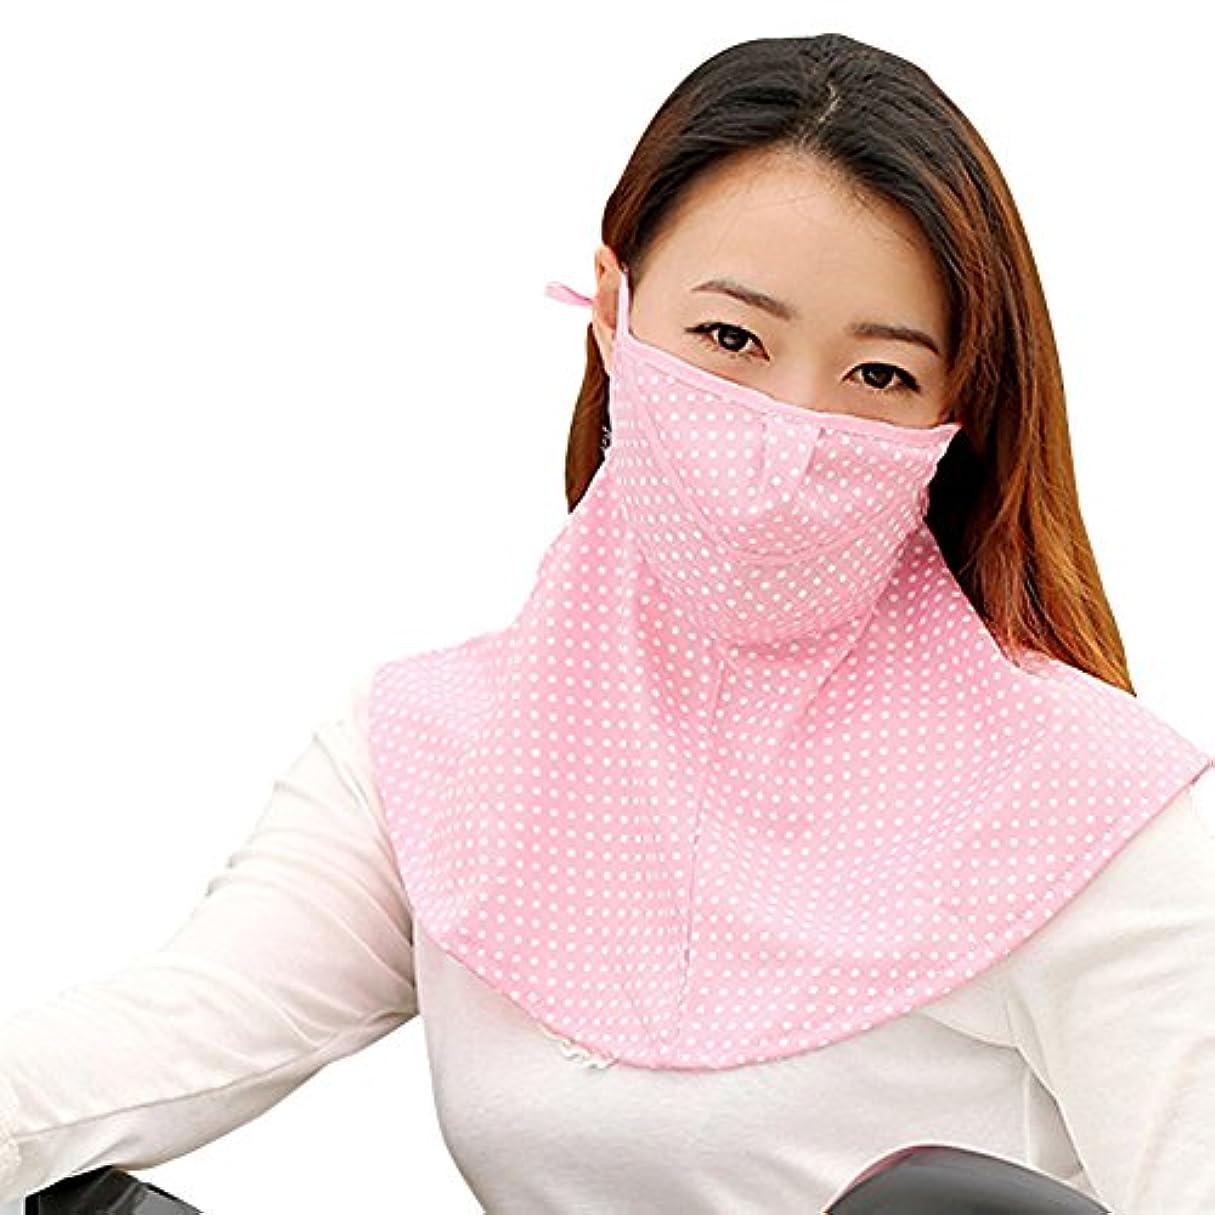 ラジエーター水素親指PureNicot 日焼け防止 フェイスマスク UVカット 紫外線対策 農作業 ガーデニング レディース 首もともガード 3D UVマスク (ピンク ドット)